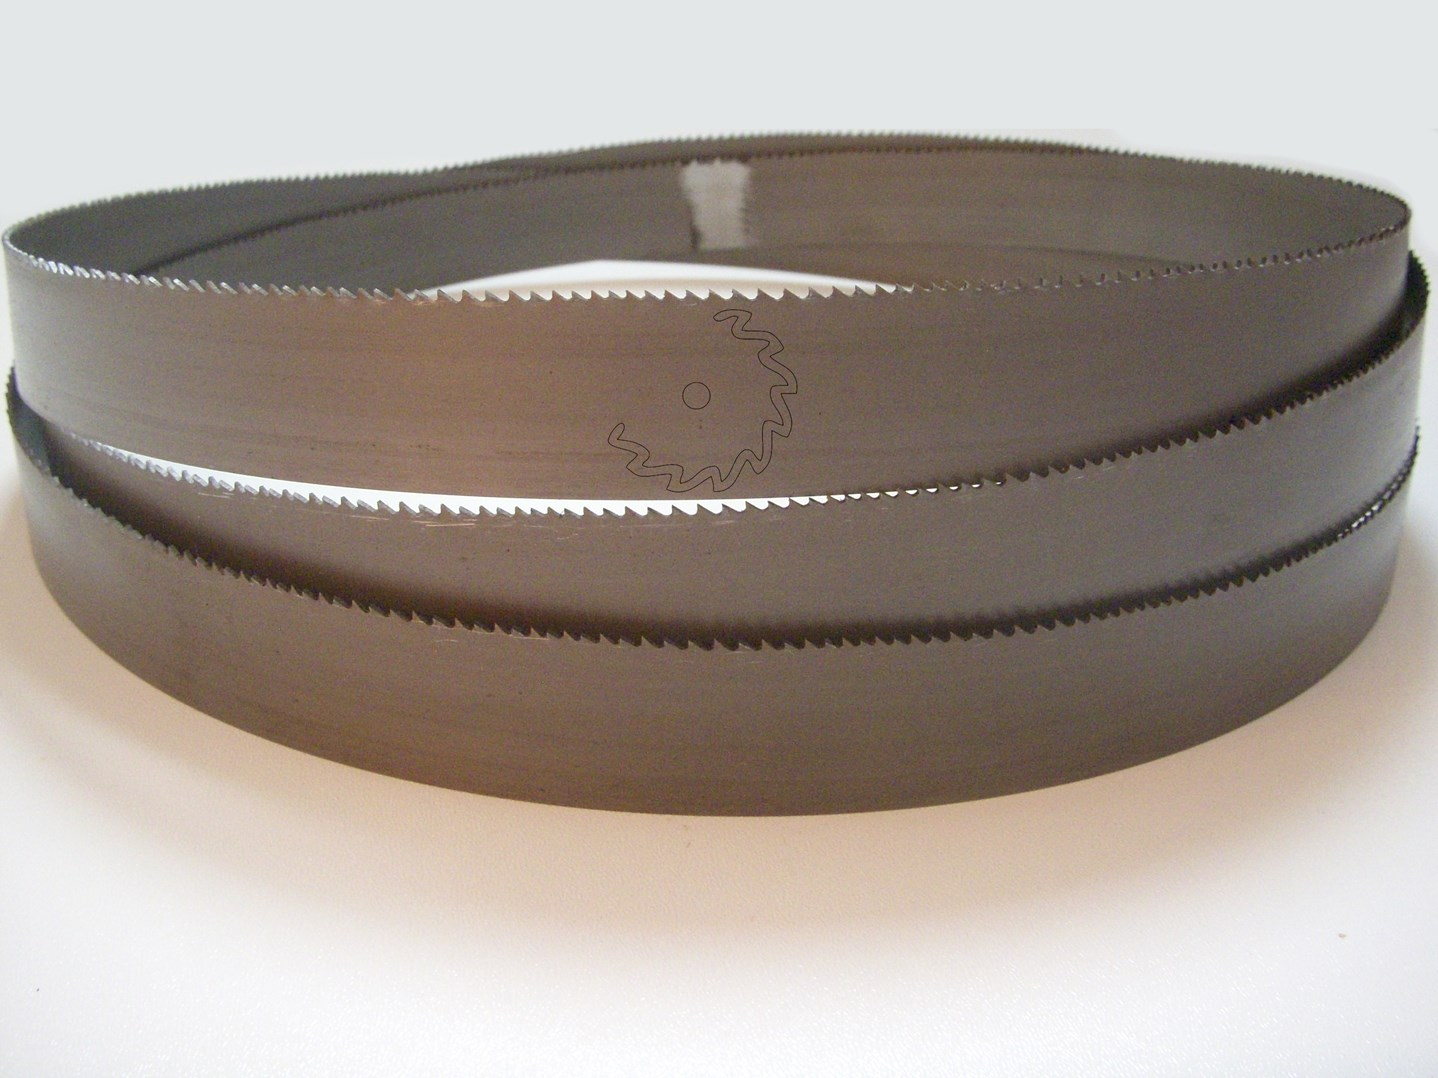 Pilový pás na kov bimetal šířky 34 mm VARIO M42